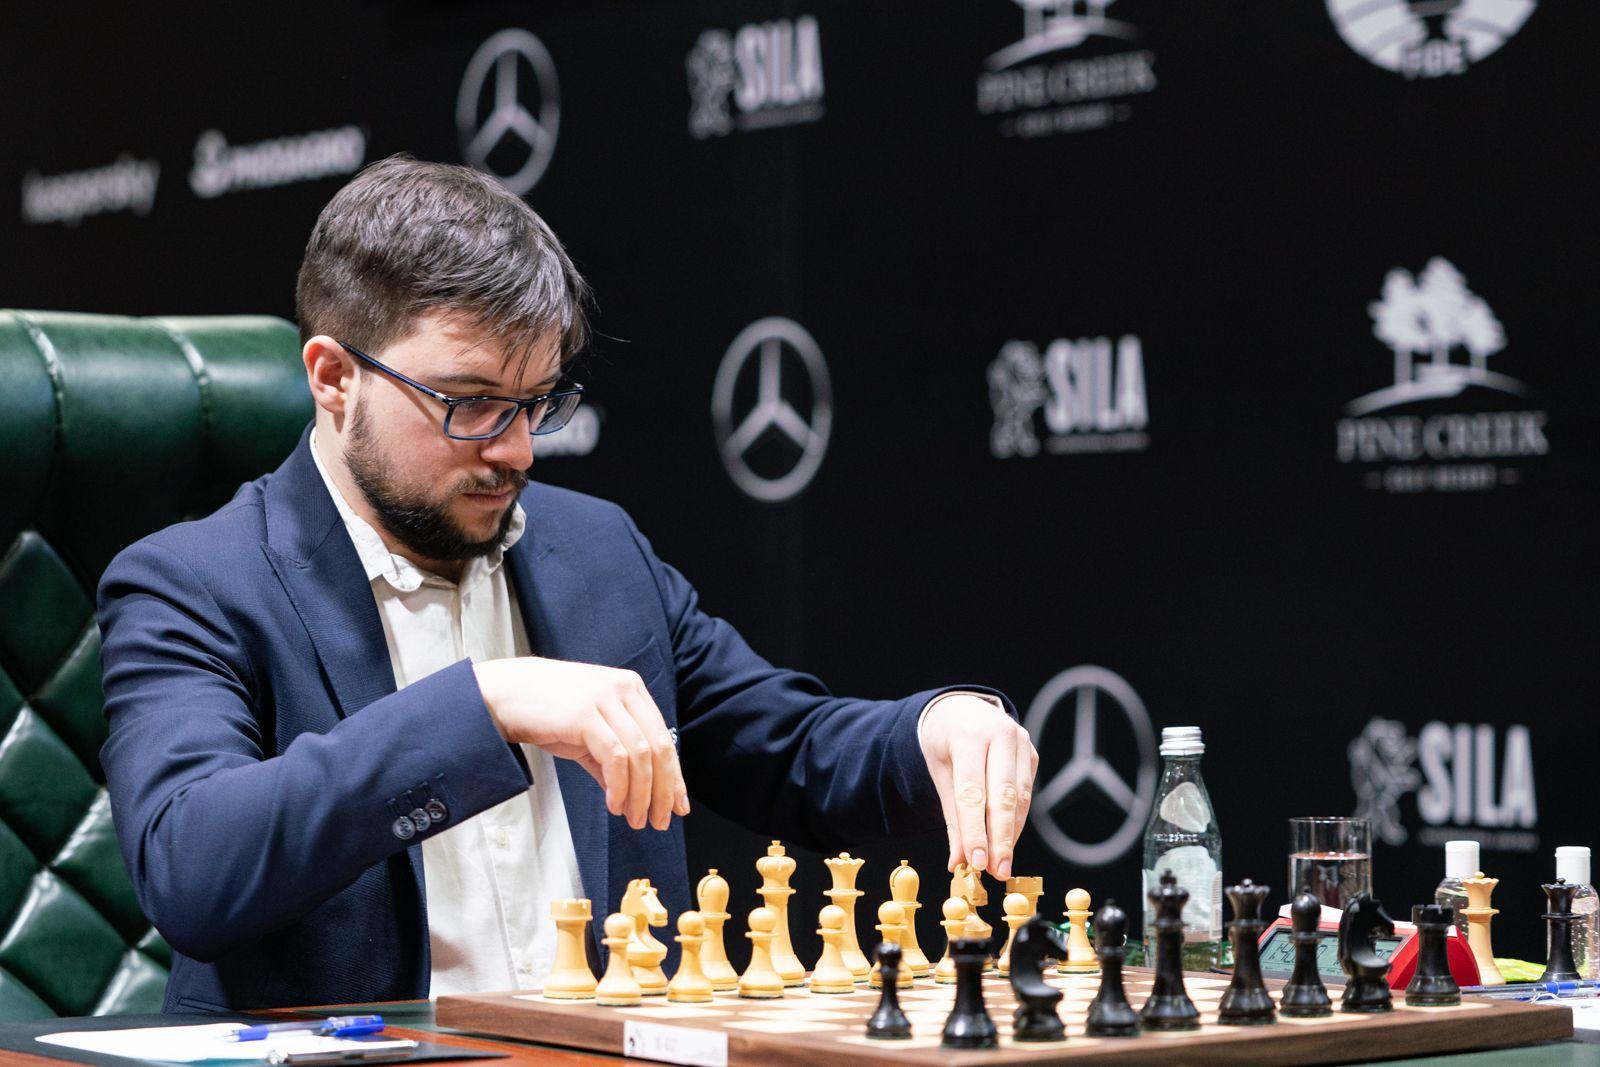 Maxime Vachier-Lagrave FIDE Candidates